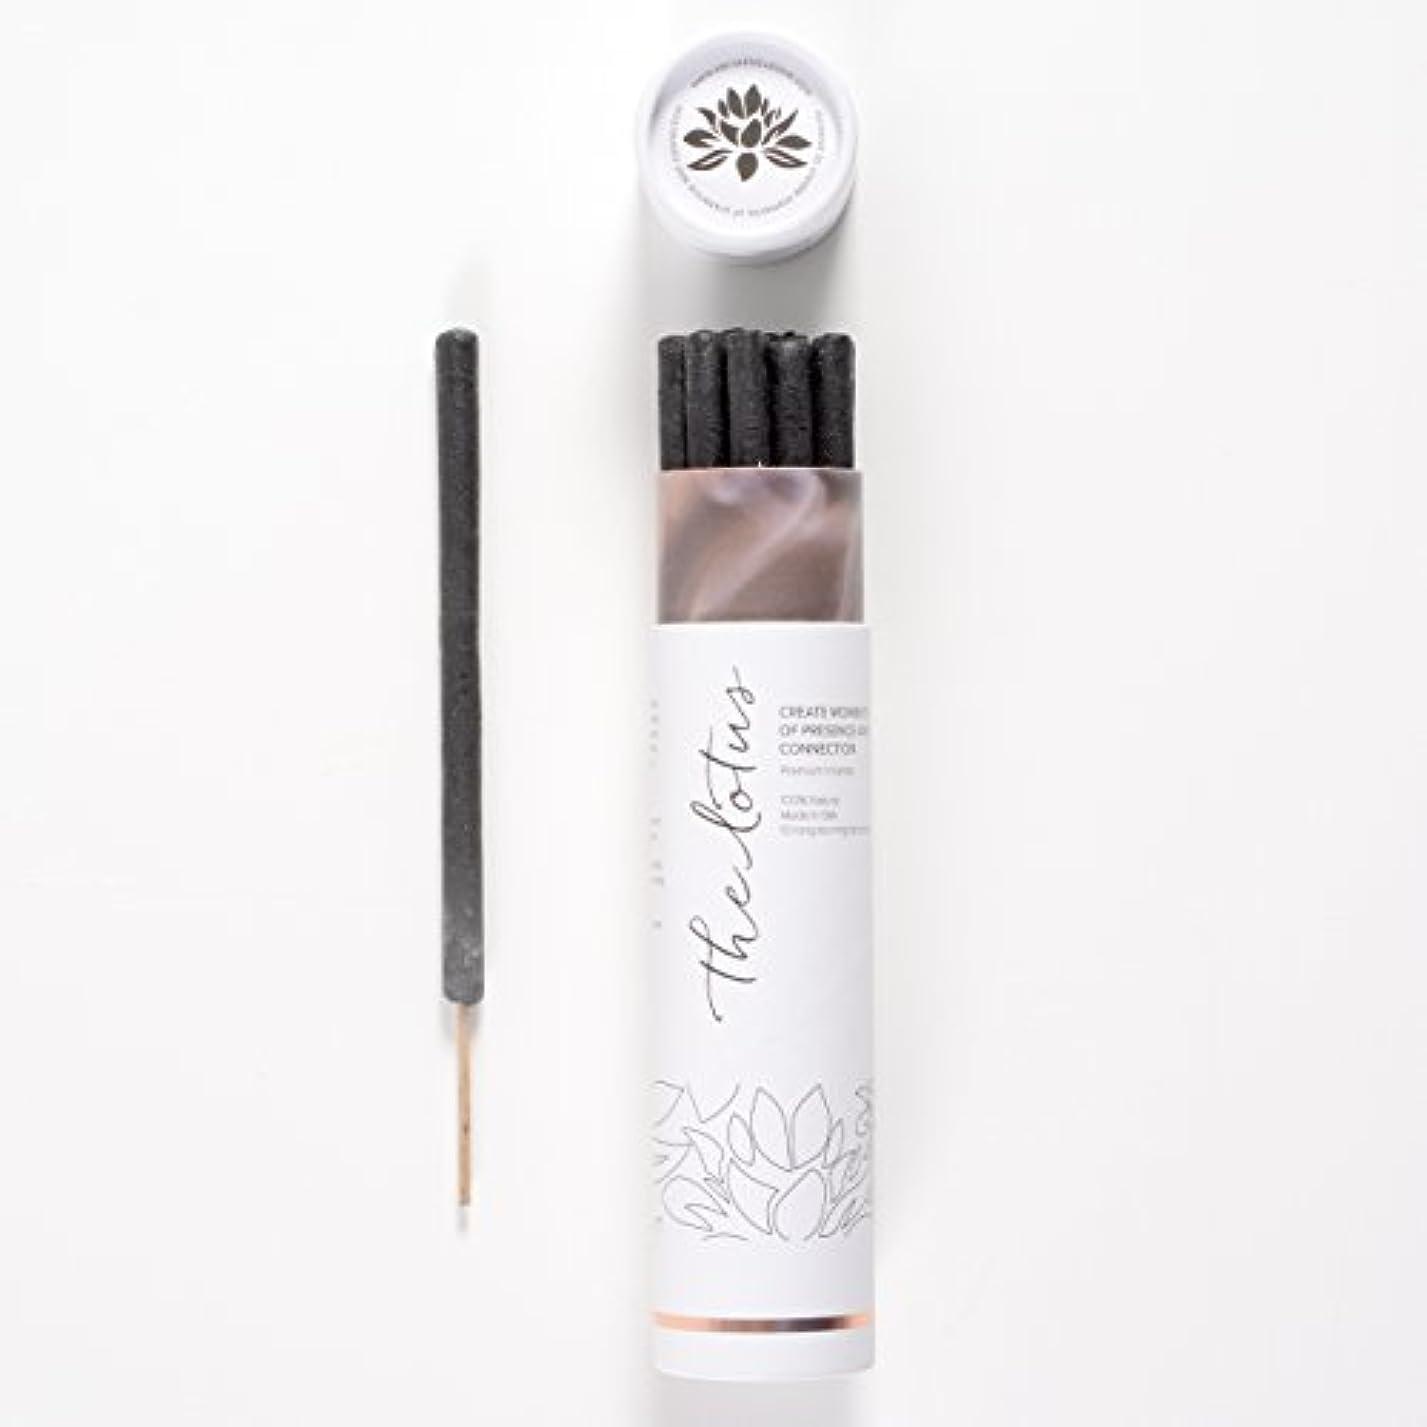 パラメータ因子化学薬品The LotusバリIncense – 10プレミアムLong Burn ' Fat ' Sticks。100 % Organic & Natural Ingredients。